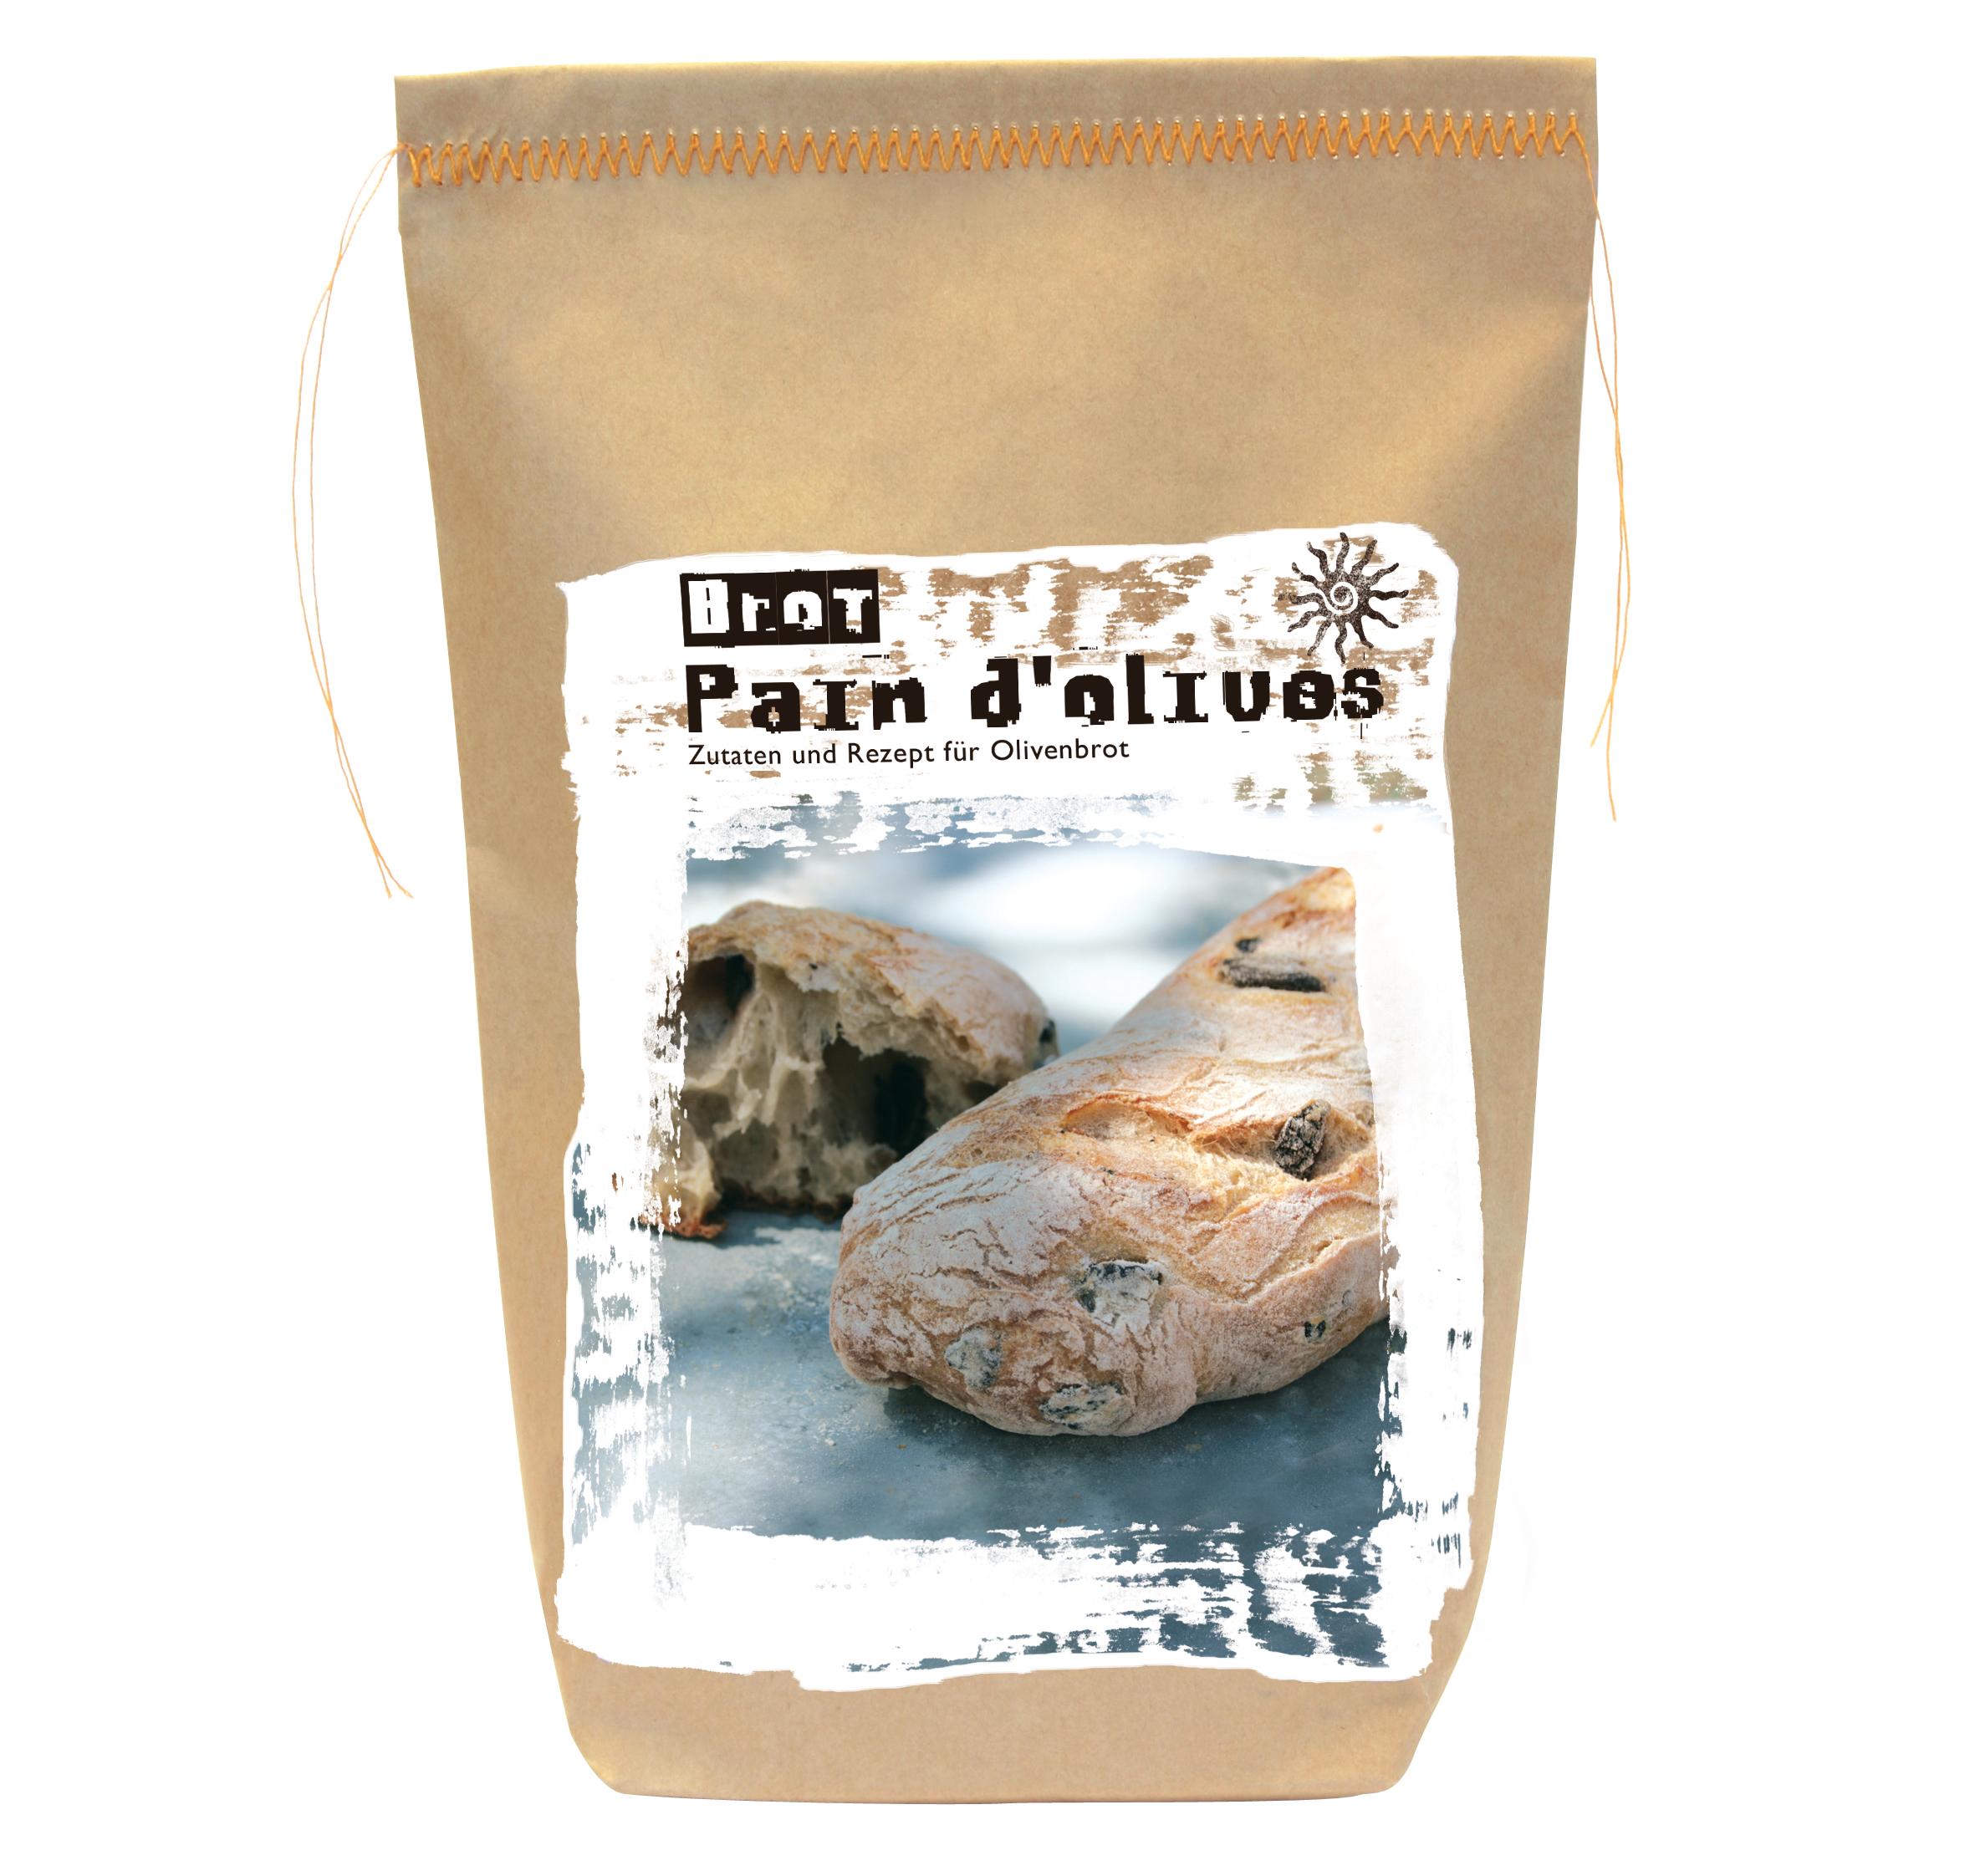 Pain d'Olives - Backmischung für französisches Olivenbrot